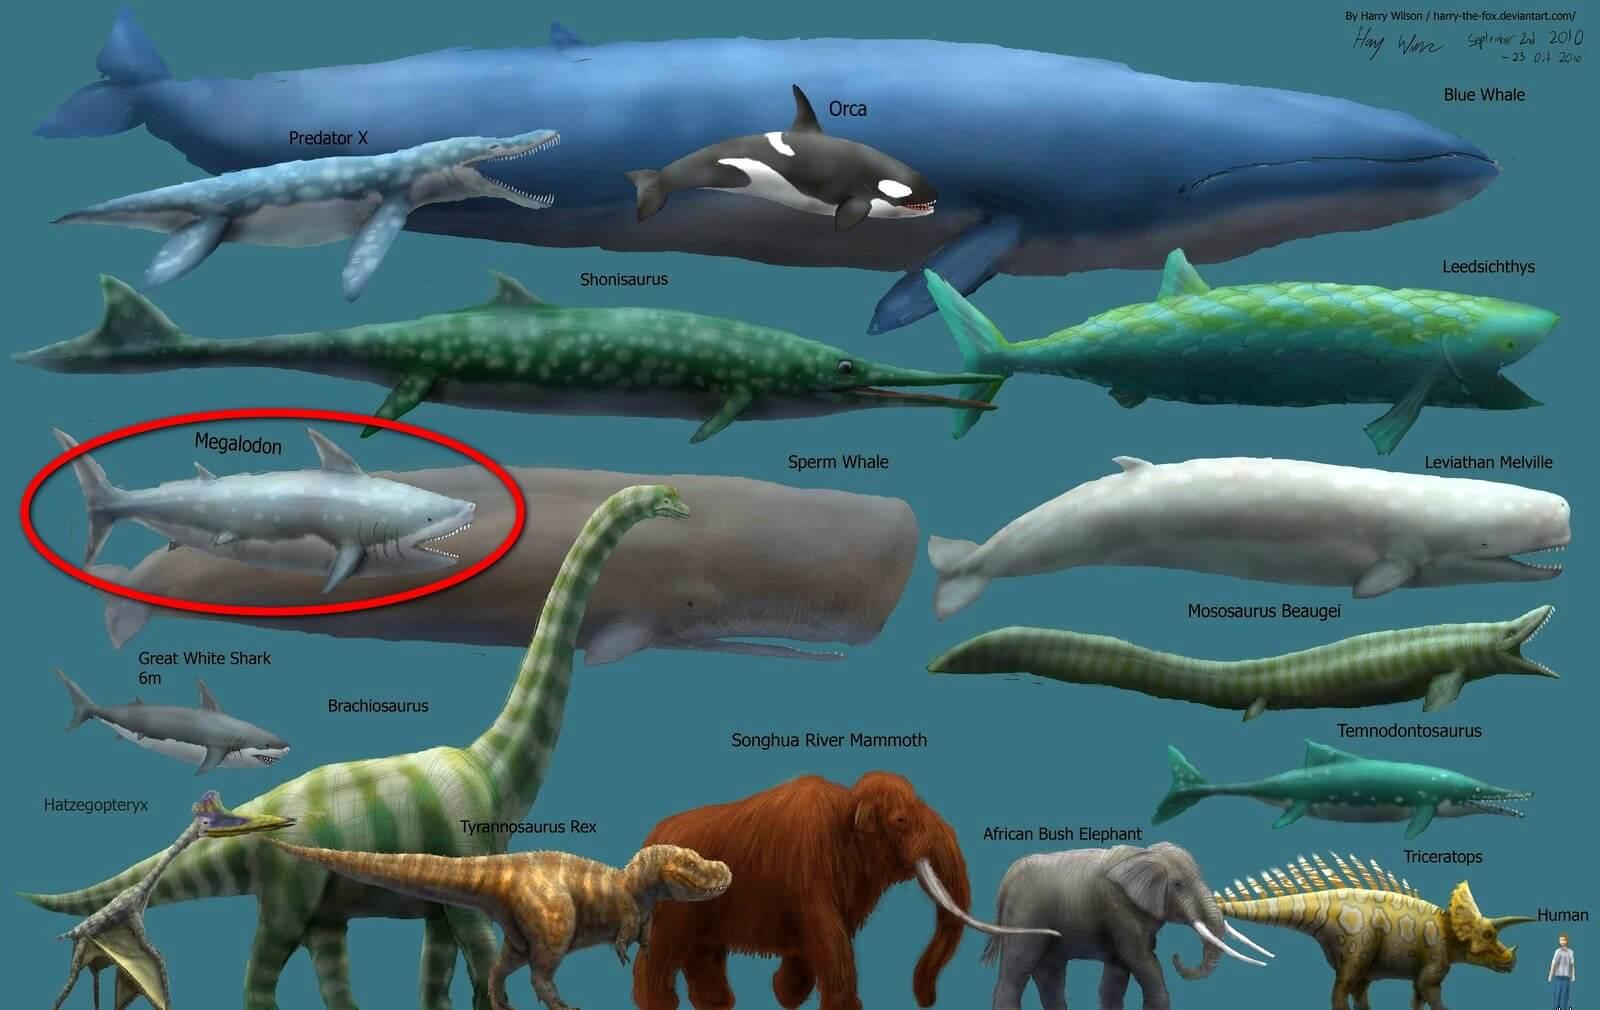 мегалодон сравнение с китом